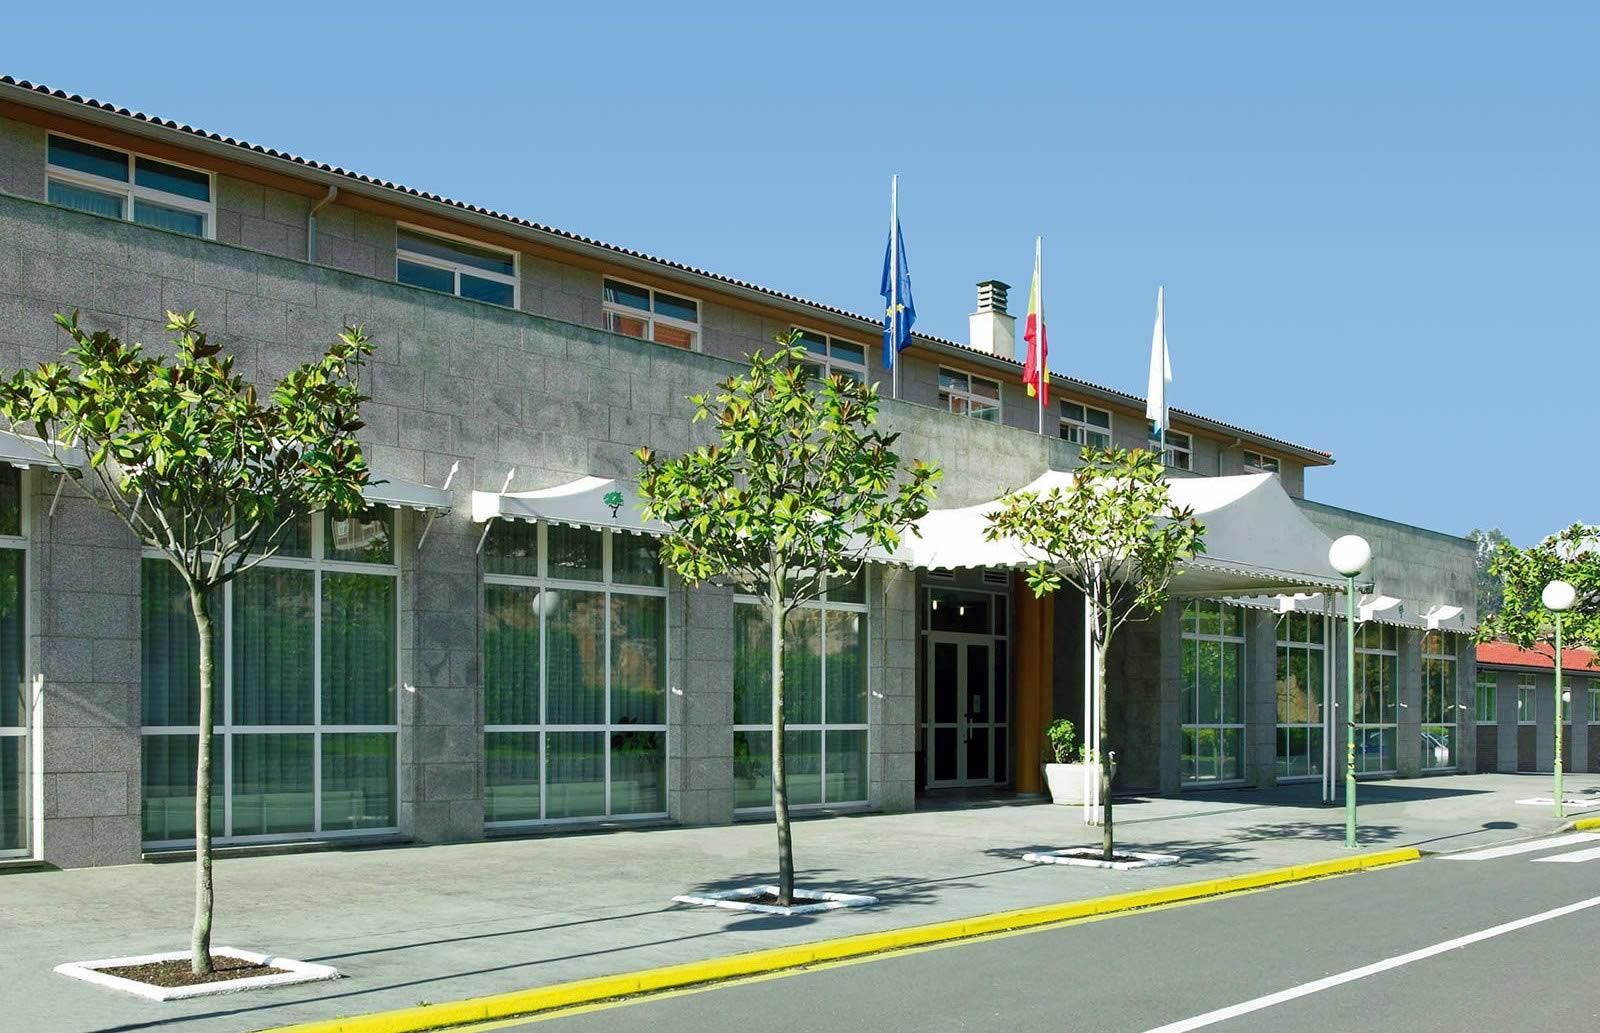 Orpea A Coruña, abre sus puertas para mostrar las mejores prácticas en atención sociosanitaria